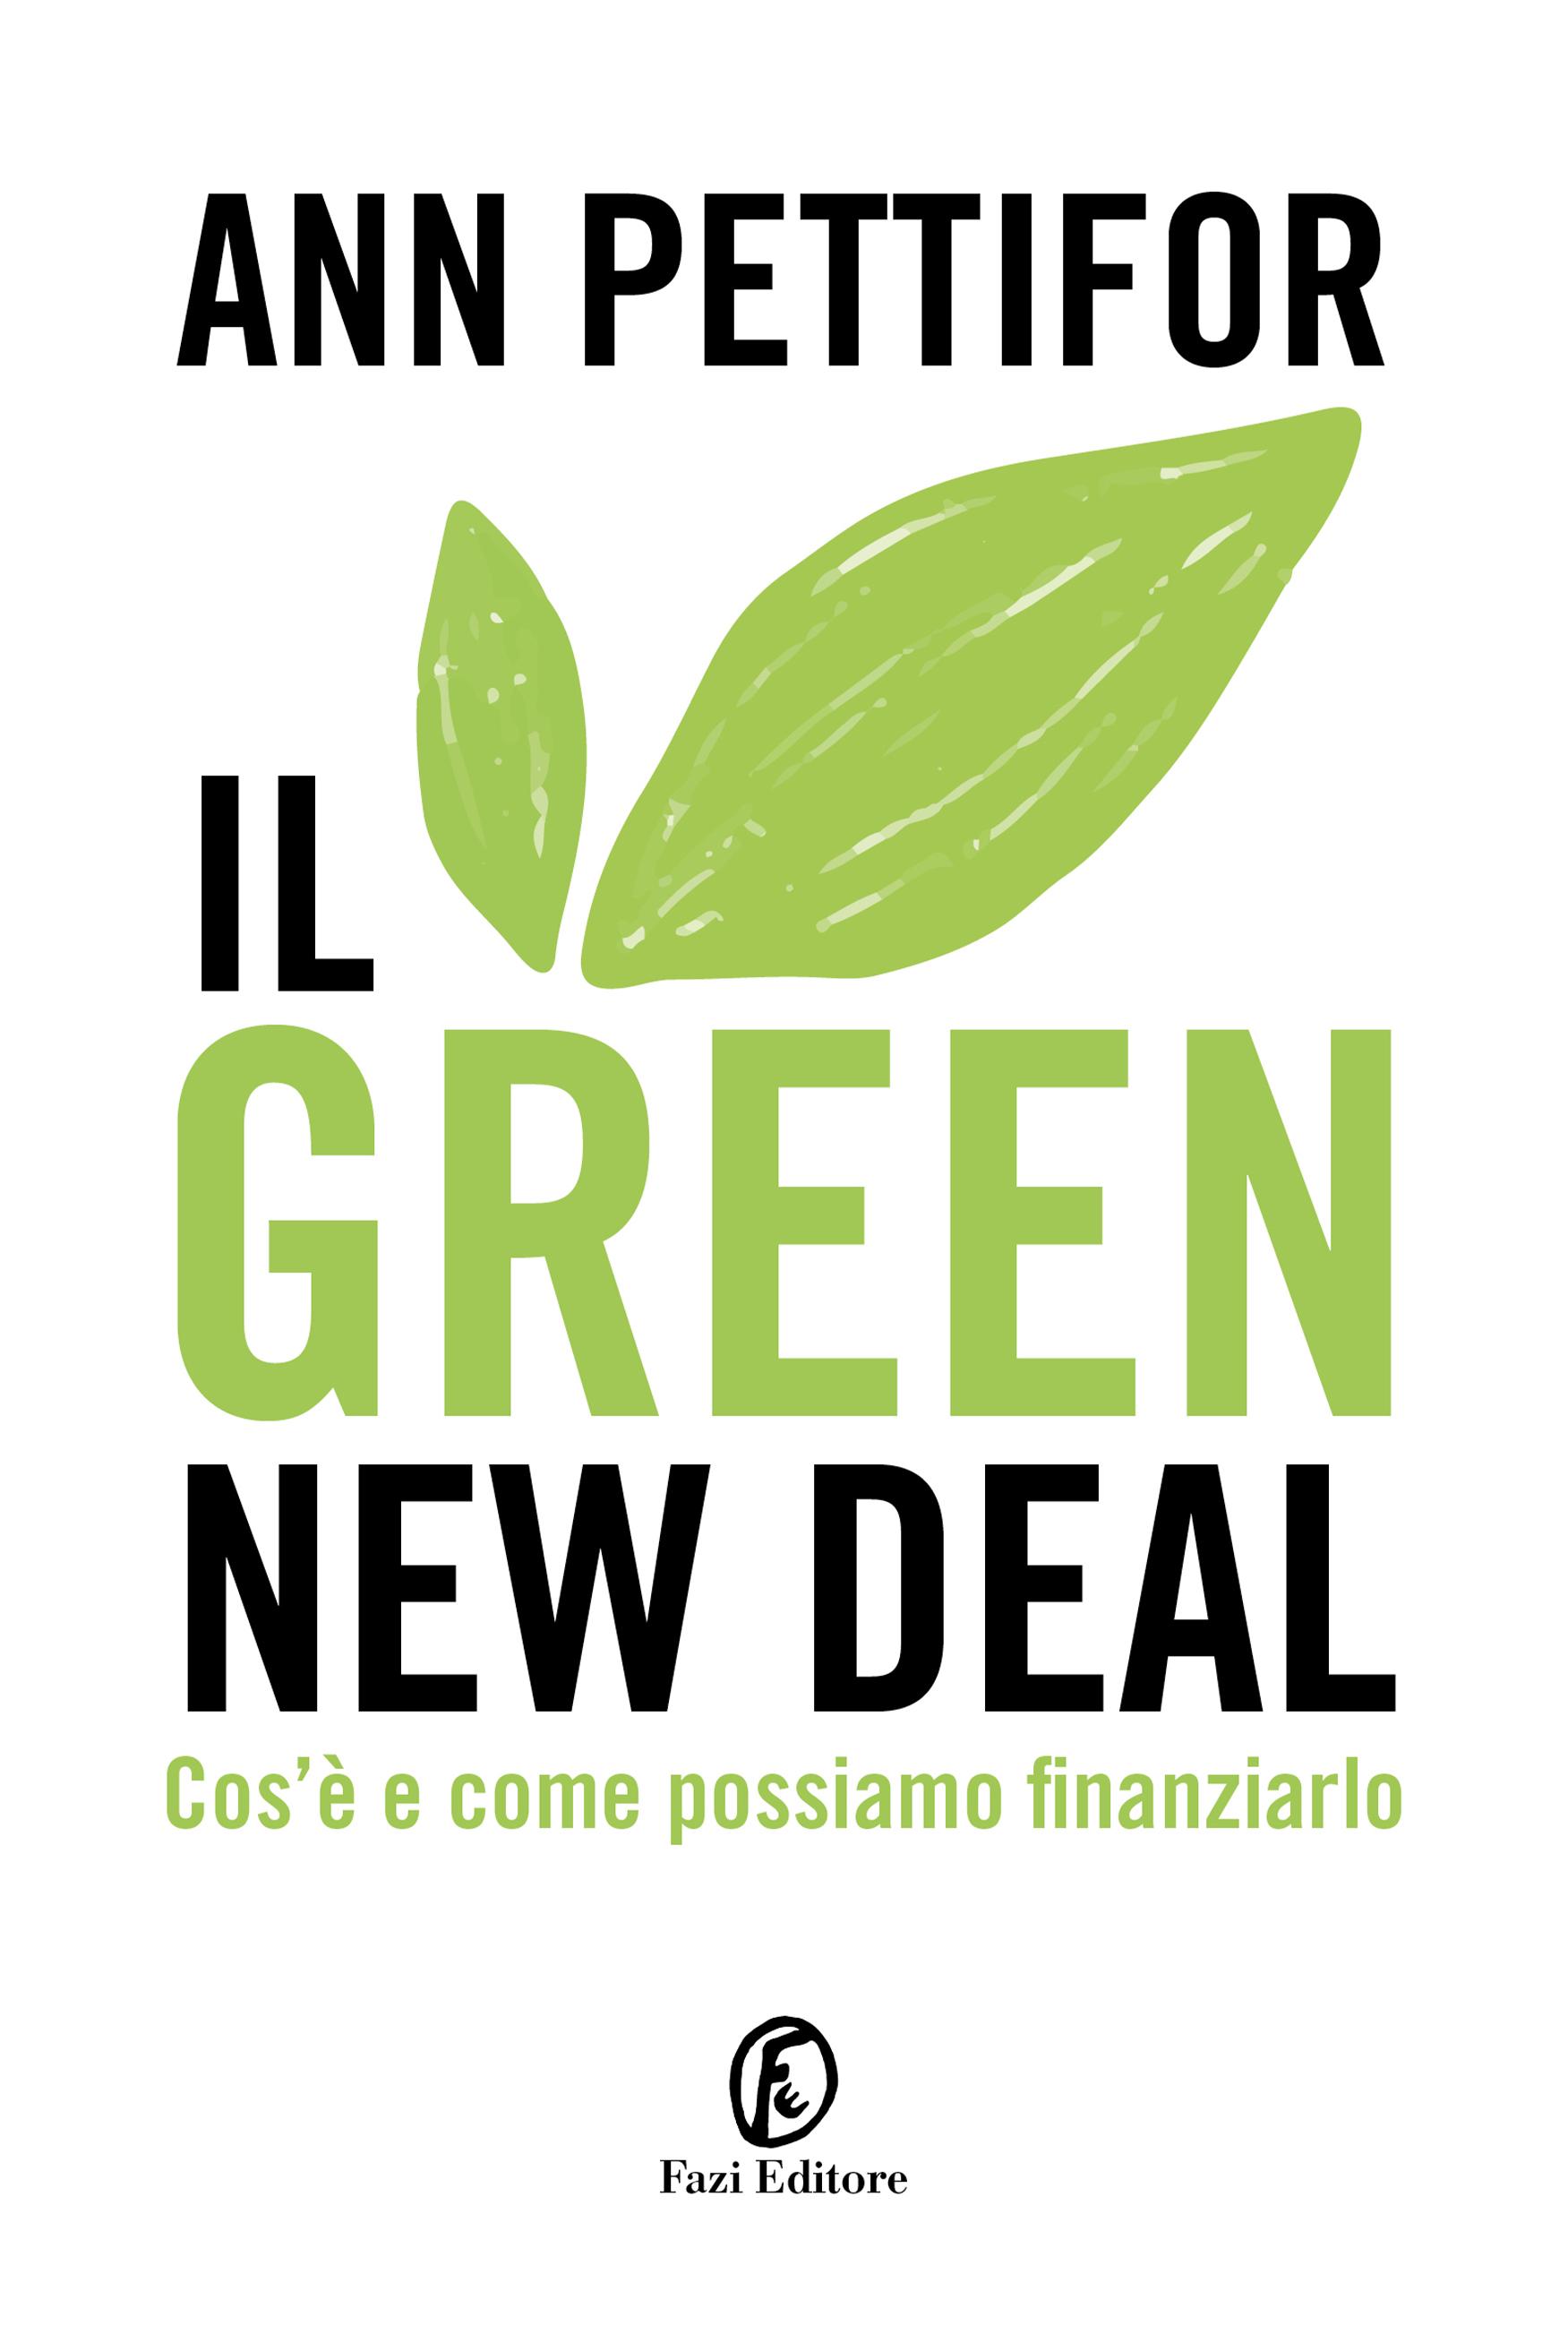 Il Green New Deal | Ann Pettifor | Fazi Editore